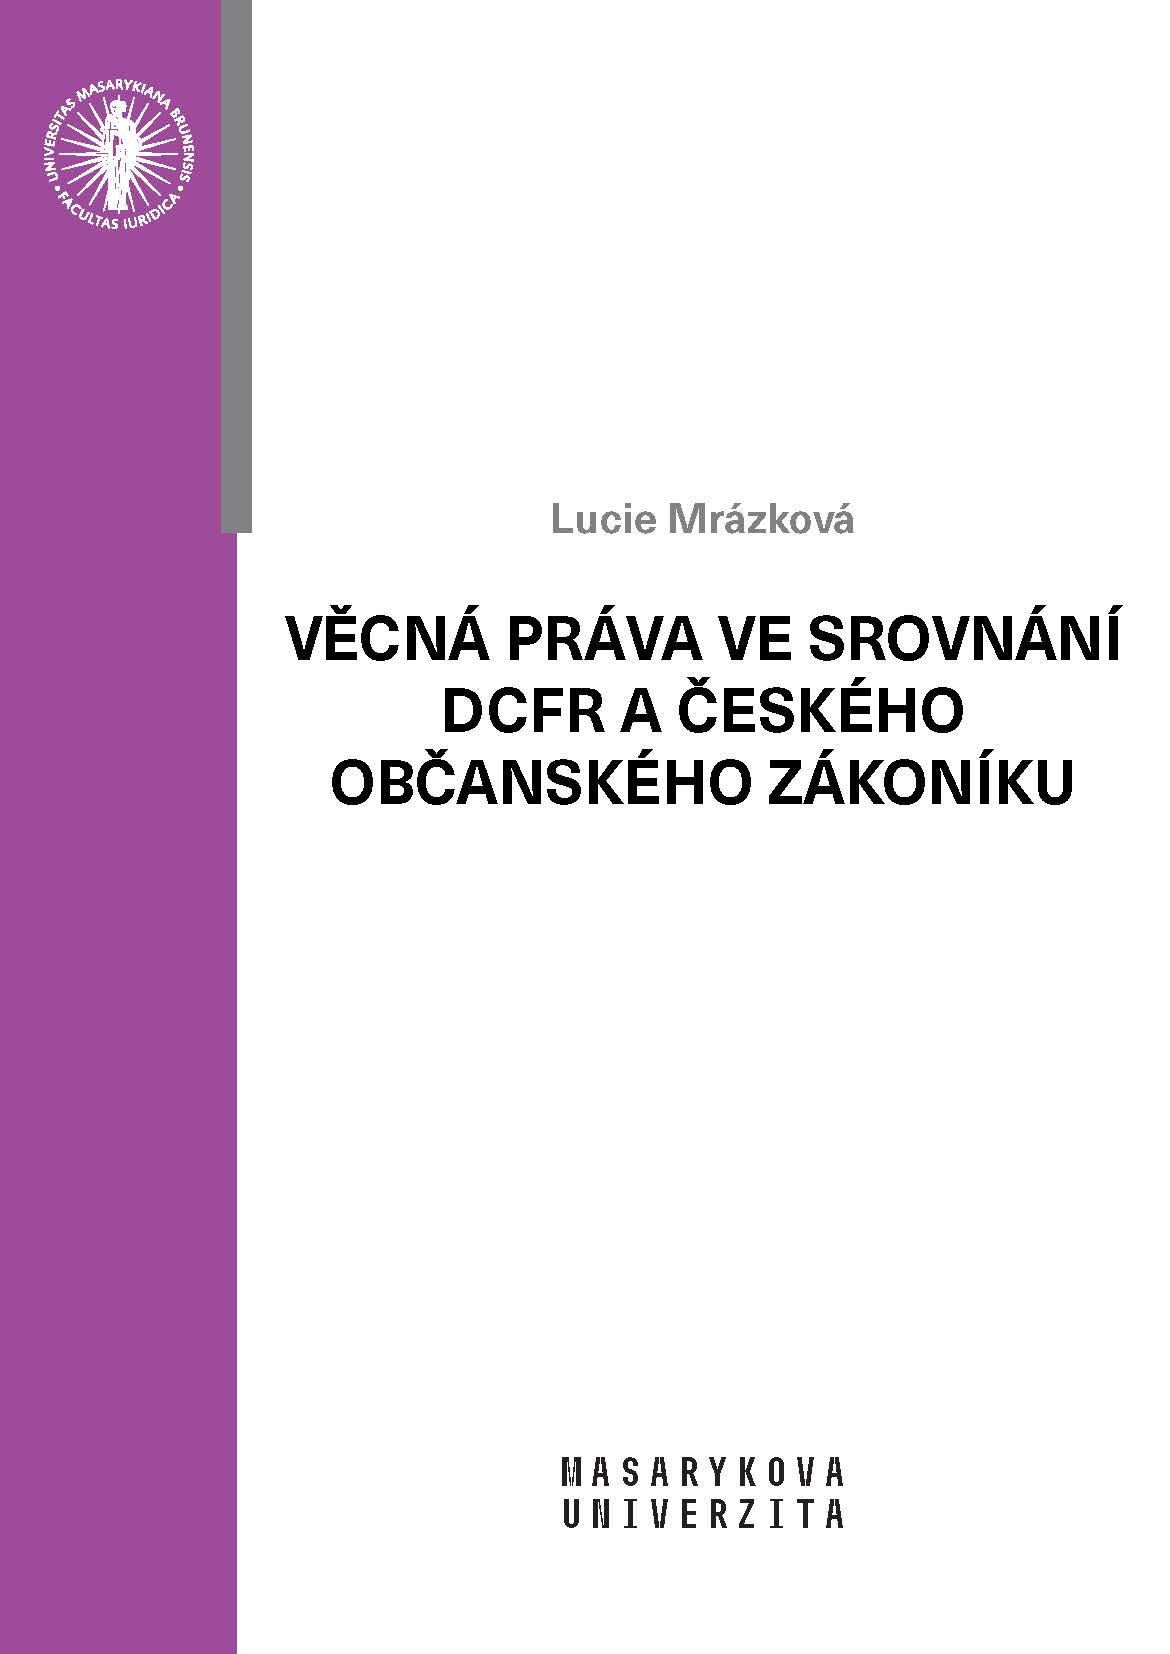 Obálka pro Věcná práva ve srovnání DCFR a českého občanského zákoníku